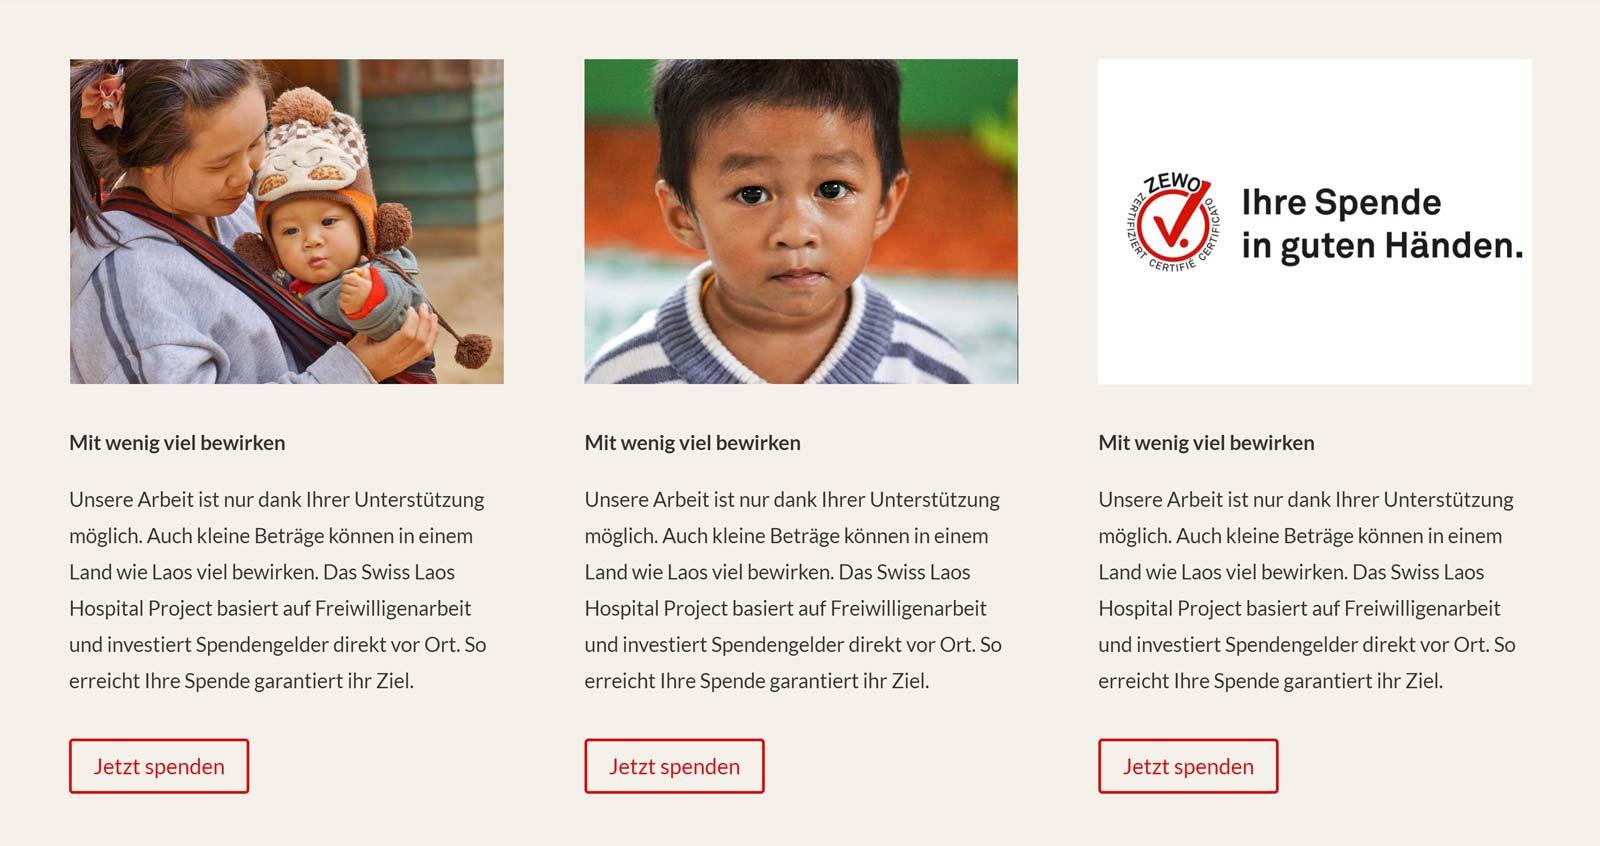 3 Teaser-Varianten für einen Spendenaufruf mit unterschiedlichen Bildern